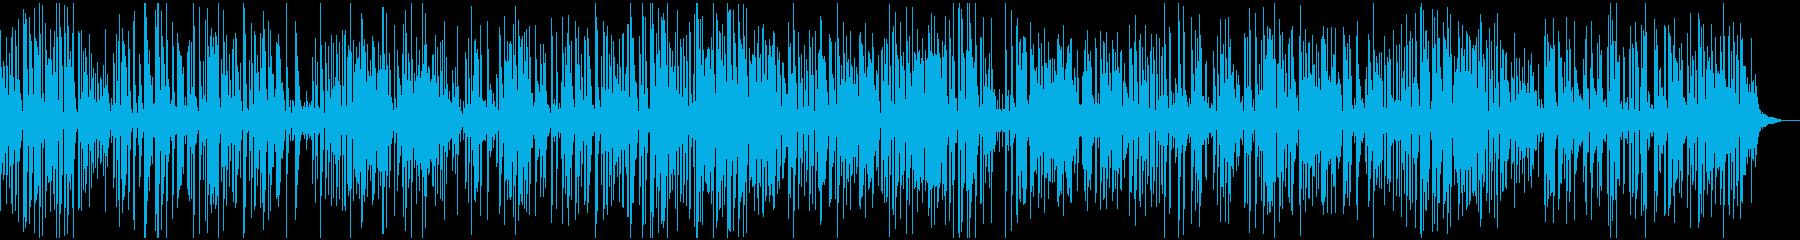 ソフトで大人なラウンジジャズピアノトリオの再生済みの波形